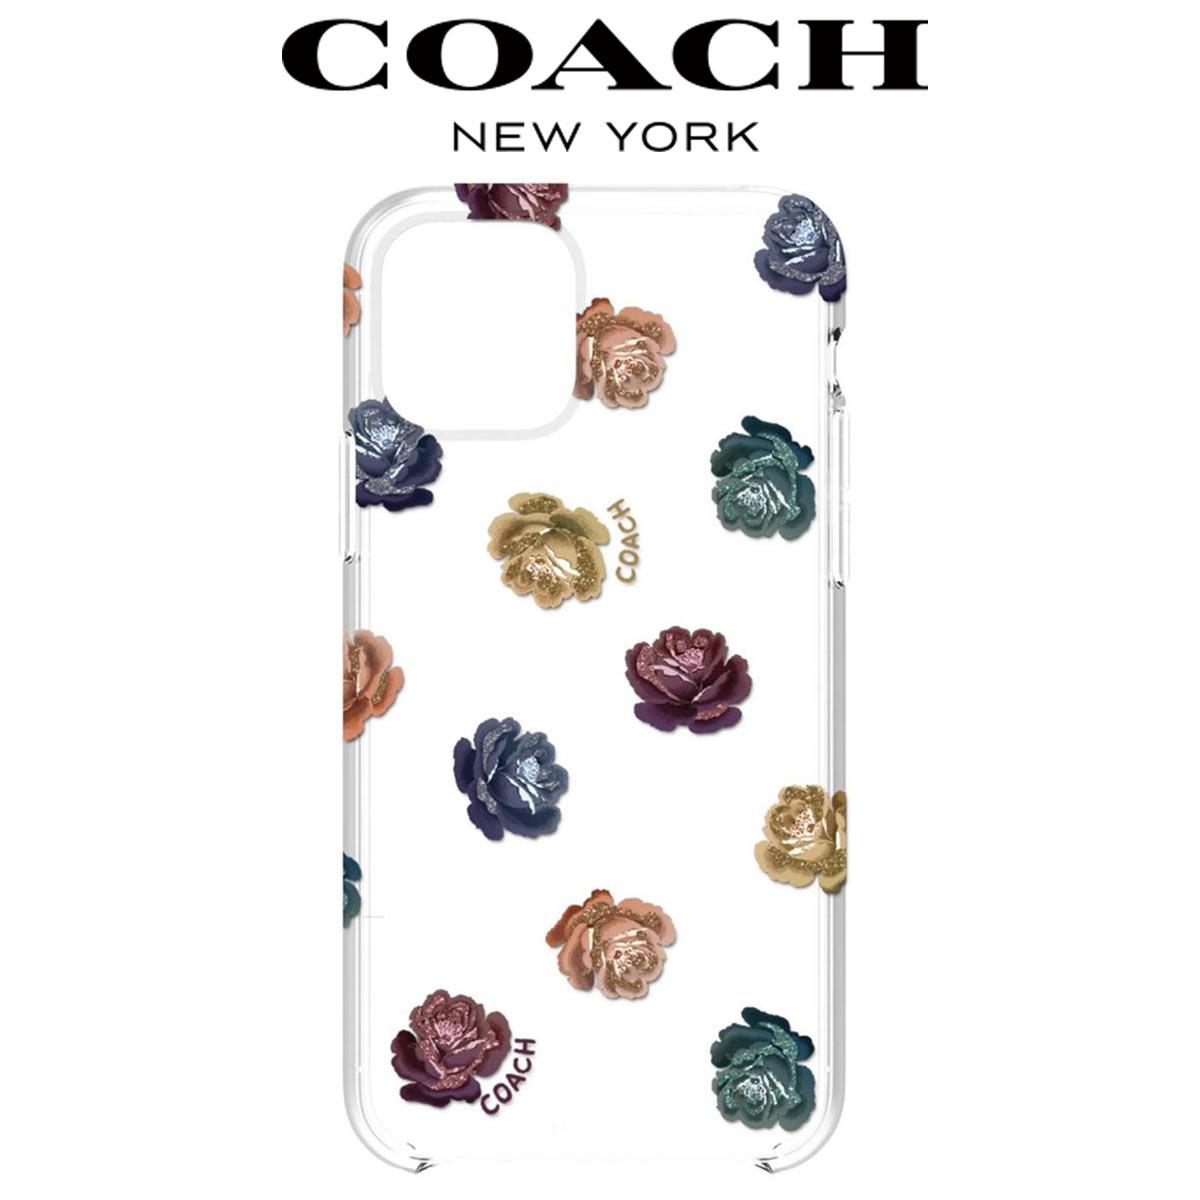 コーチ iphone11 ケース Pro クリア おしゃれ かわいい ブランド スマホケース アイフォンケース iphone11 Coach